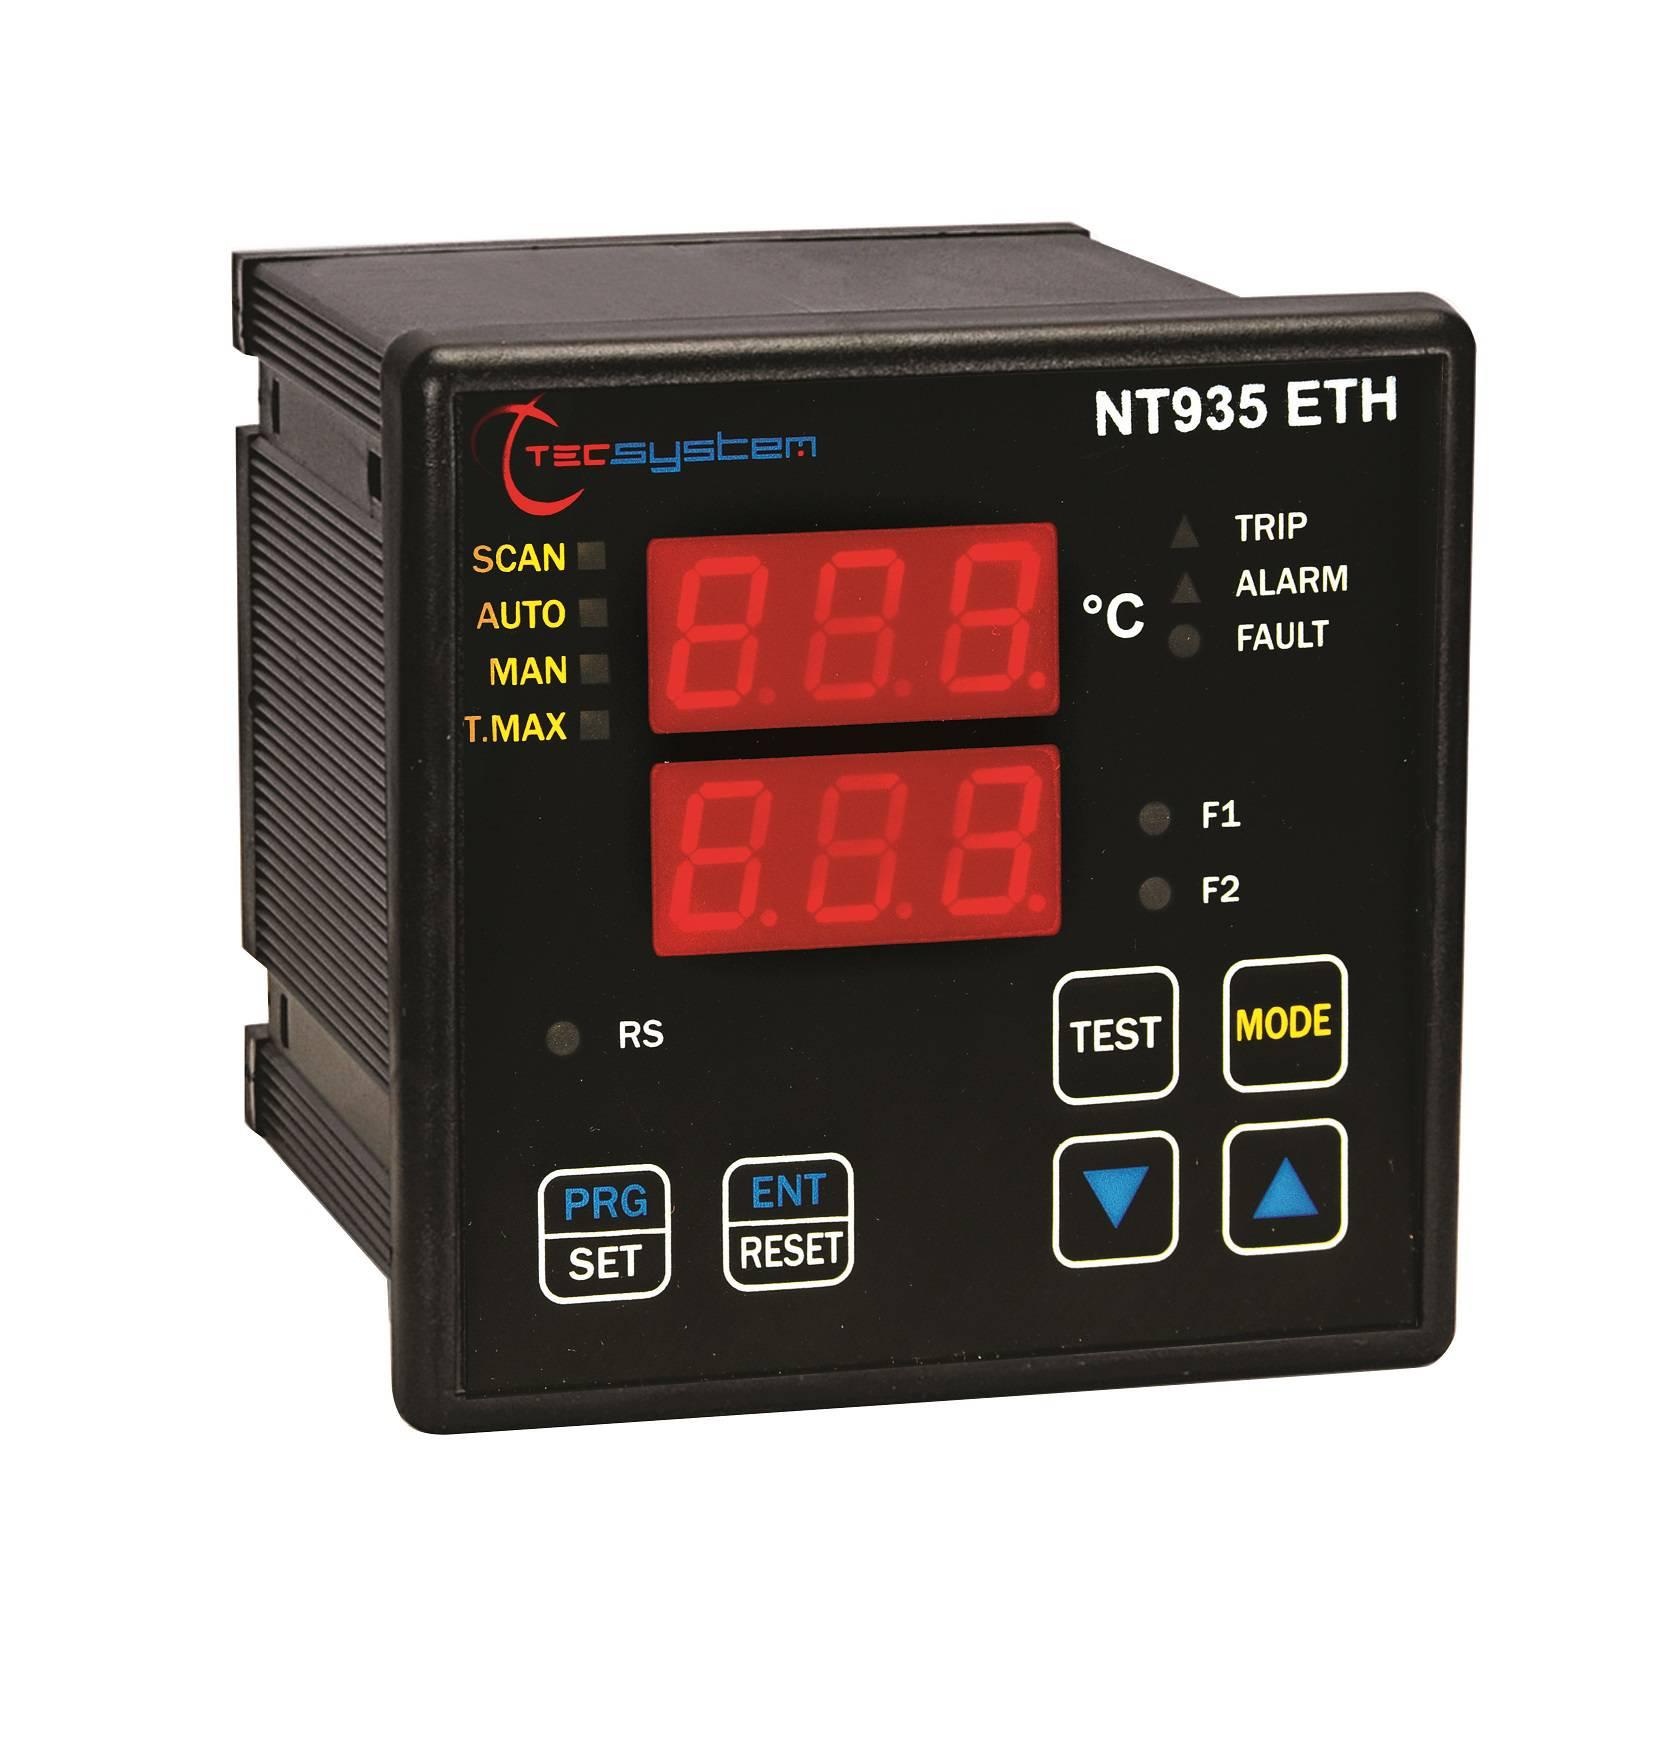 NT935 ETH TECSYSTEM